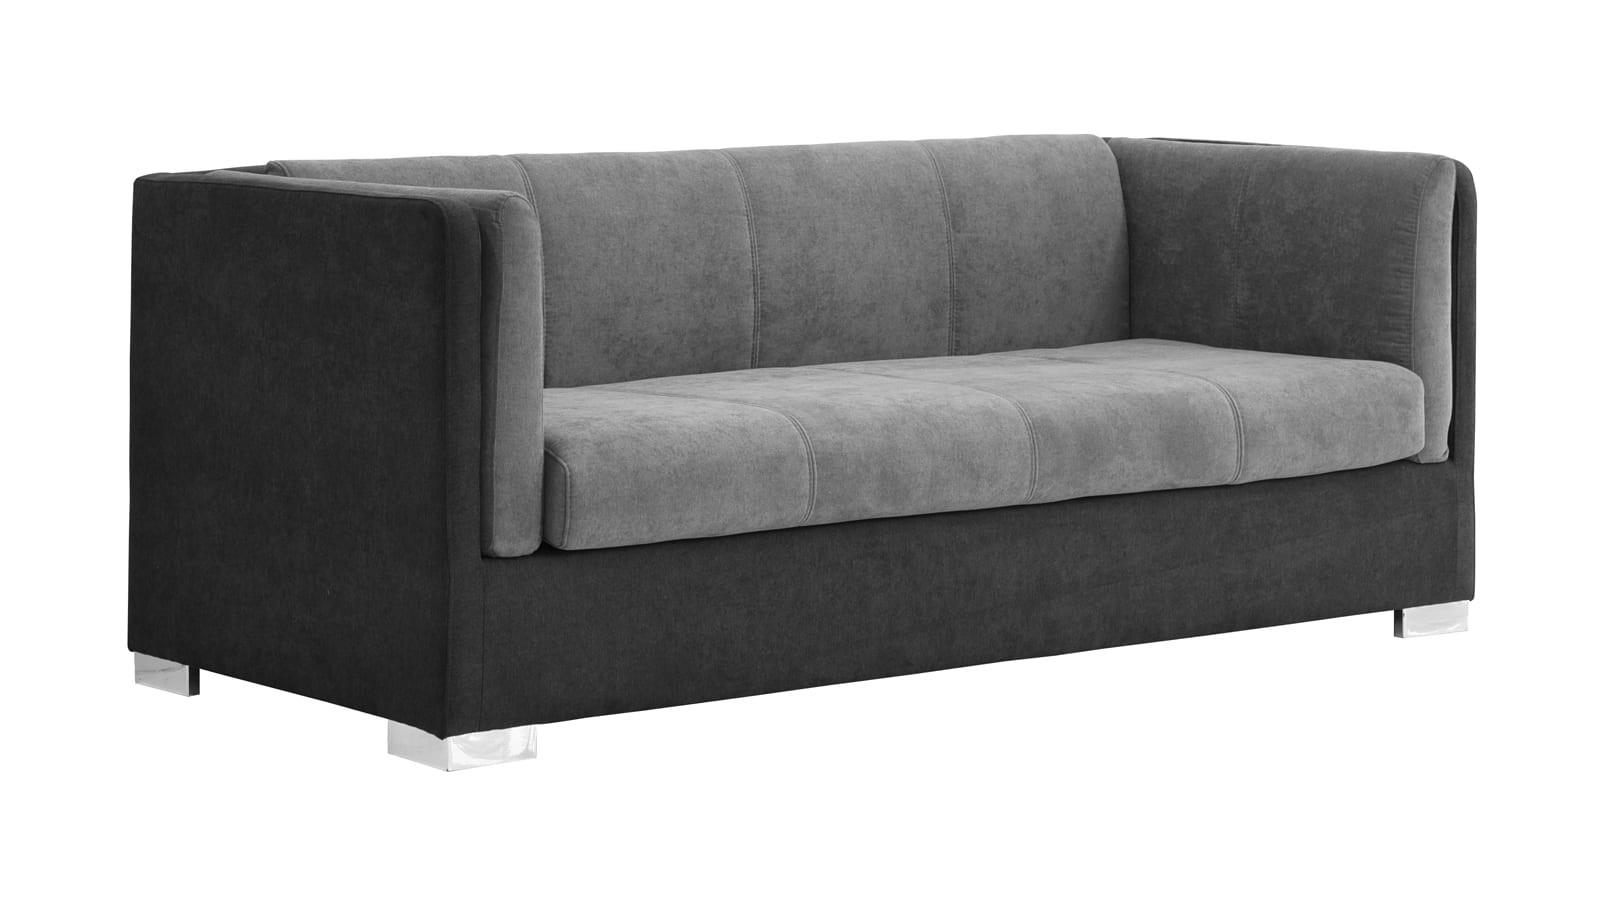 Canapé 3 places style retro en velours bicolore gris foncé